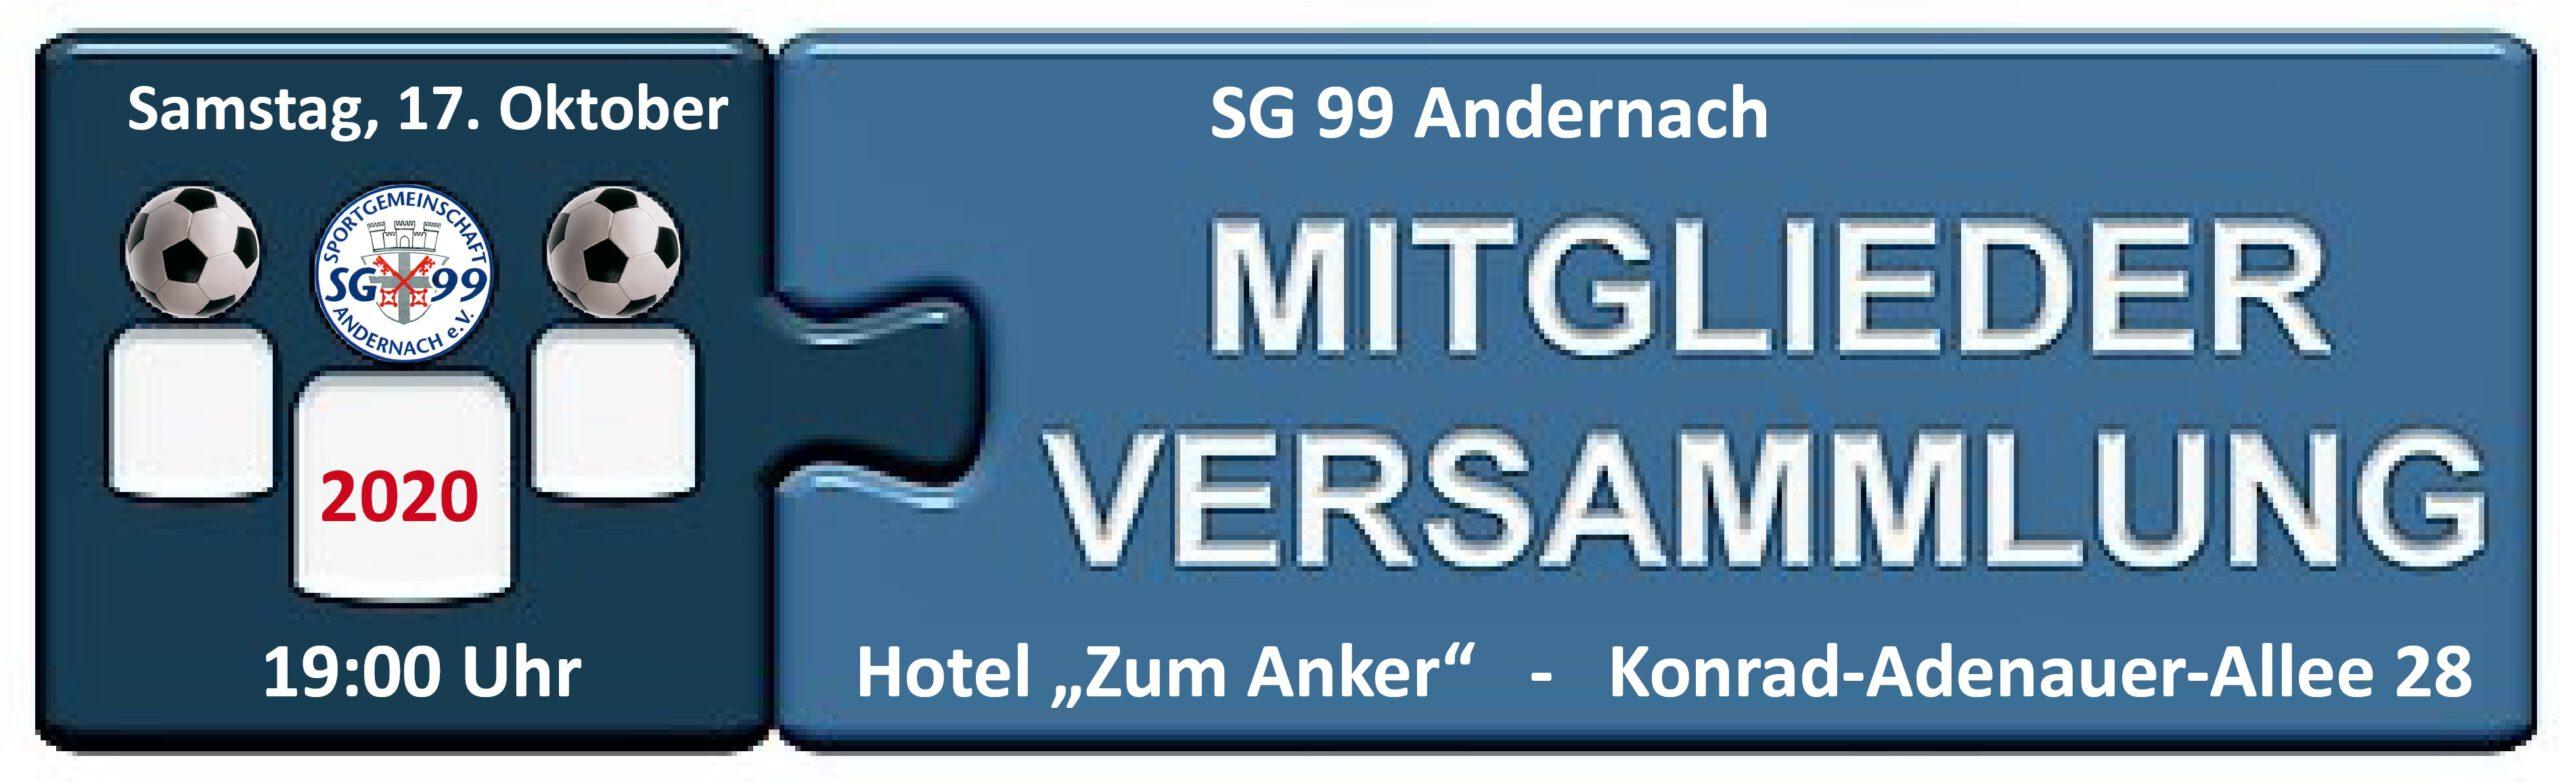 Bitte vorab anmelden unter info@sg99-andernach.de !